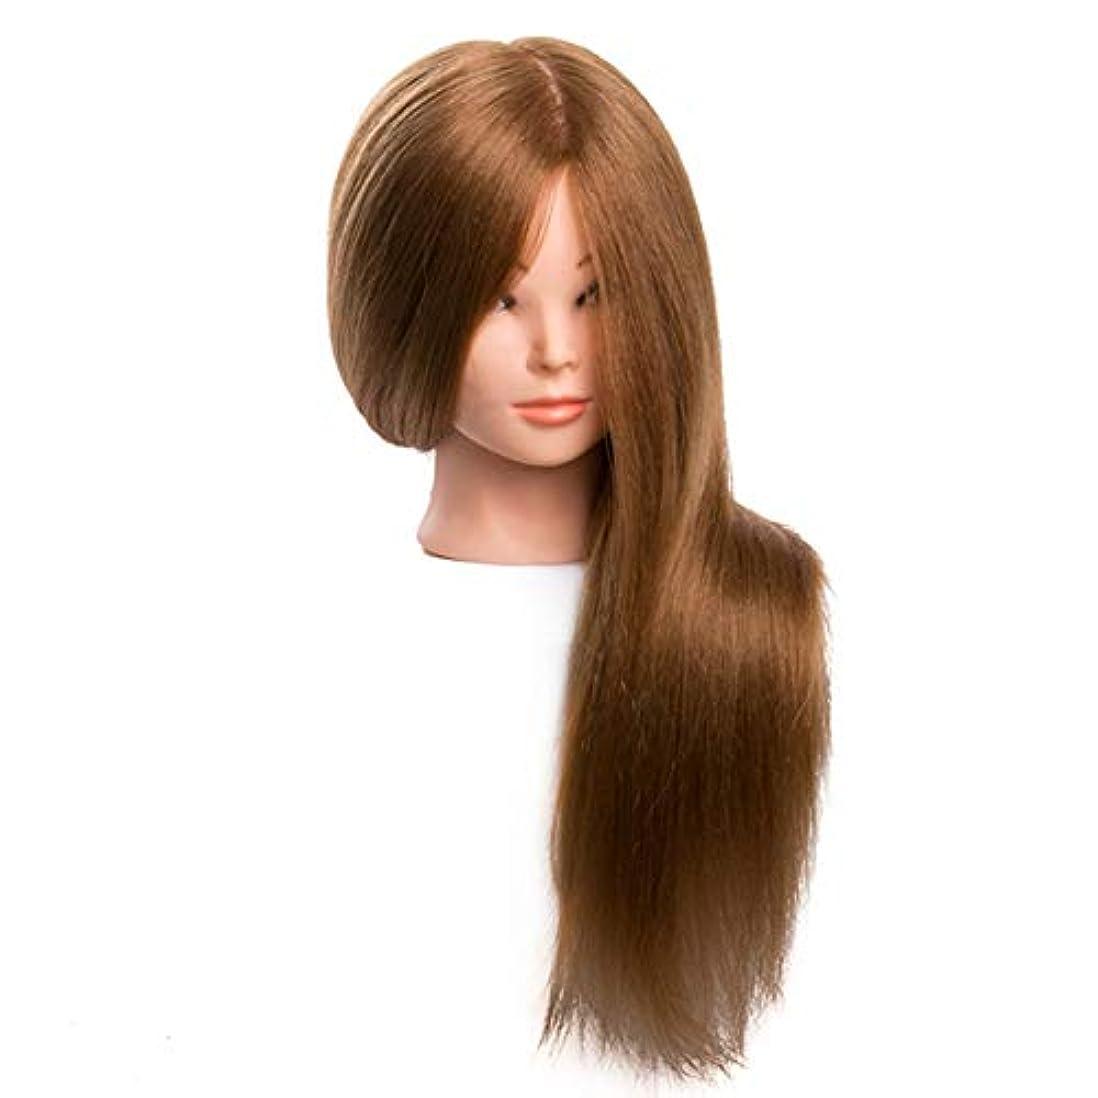 提供された海アテンダントサロンエクササイズヘッド金型メイクディスクヘアスタイリング編組ティーチングダミーヘッド理髪ヘアカットトレーニングかつら3個